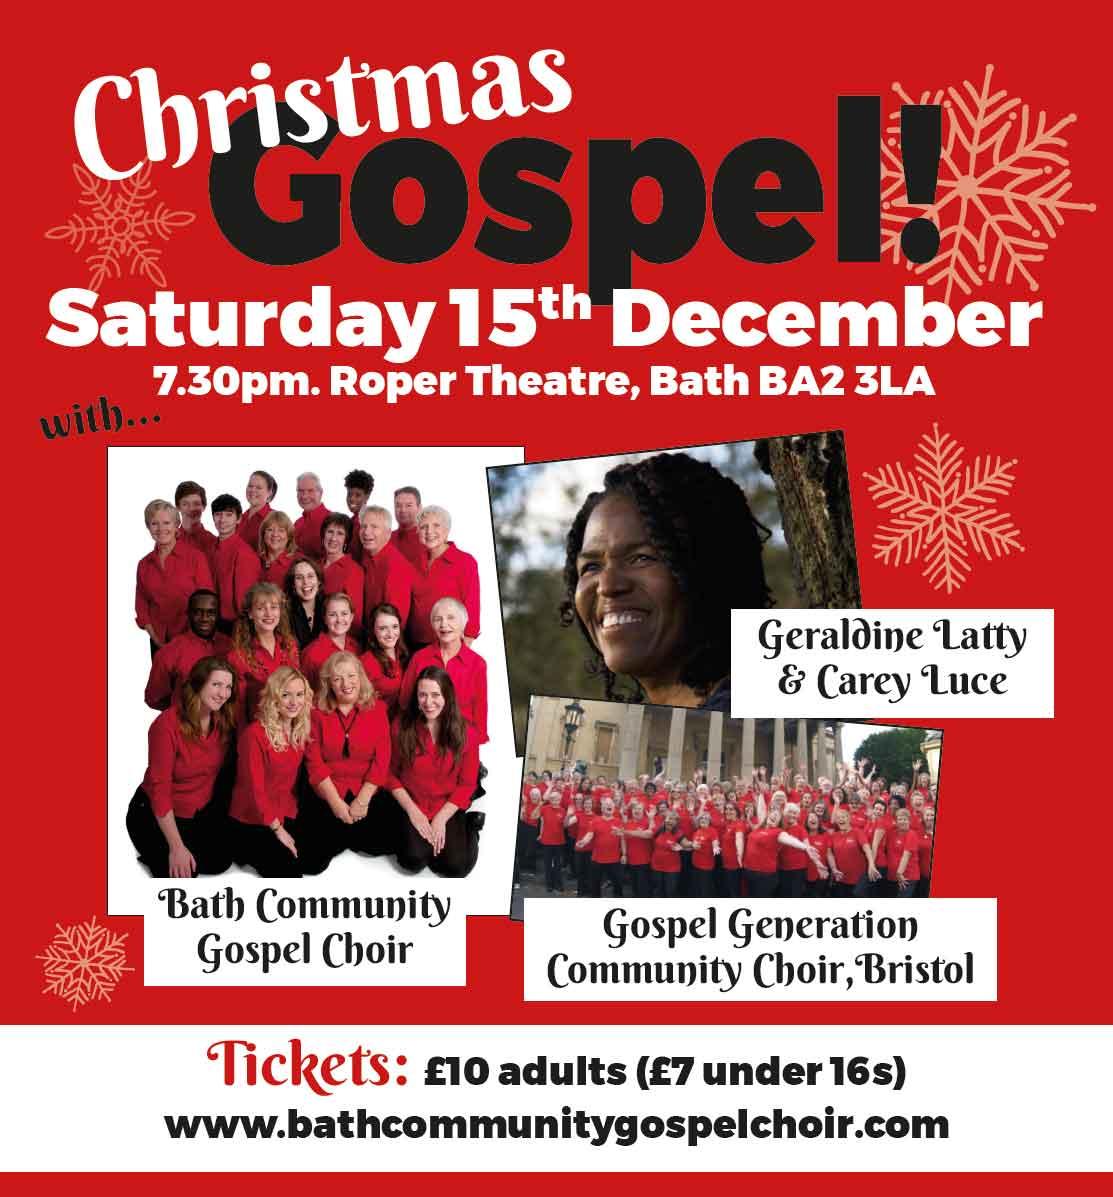 Christmas Gospel poster